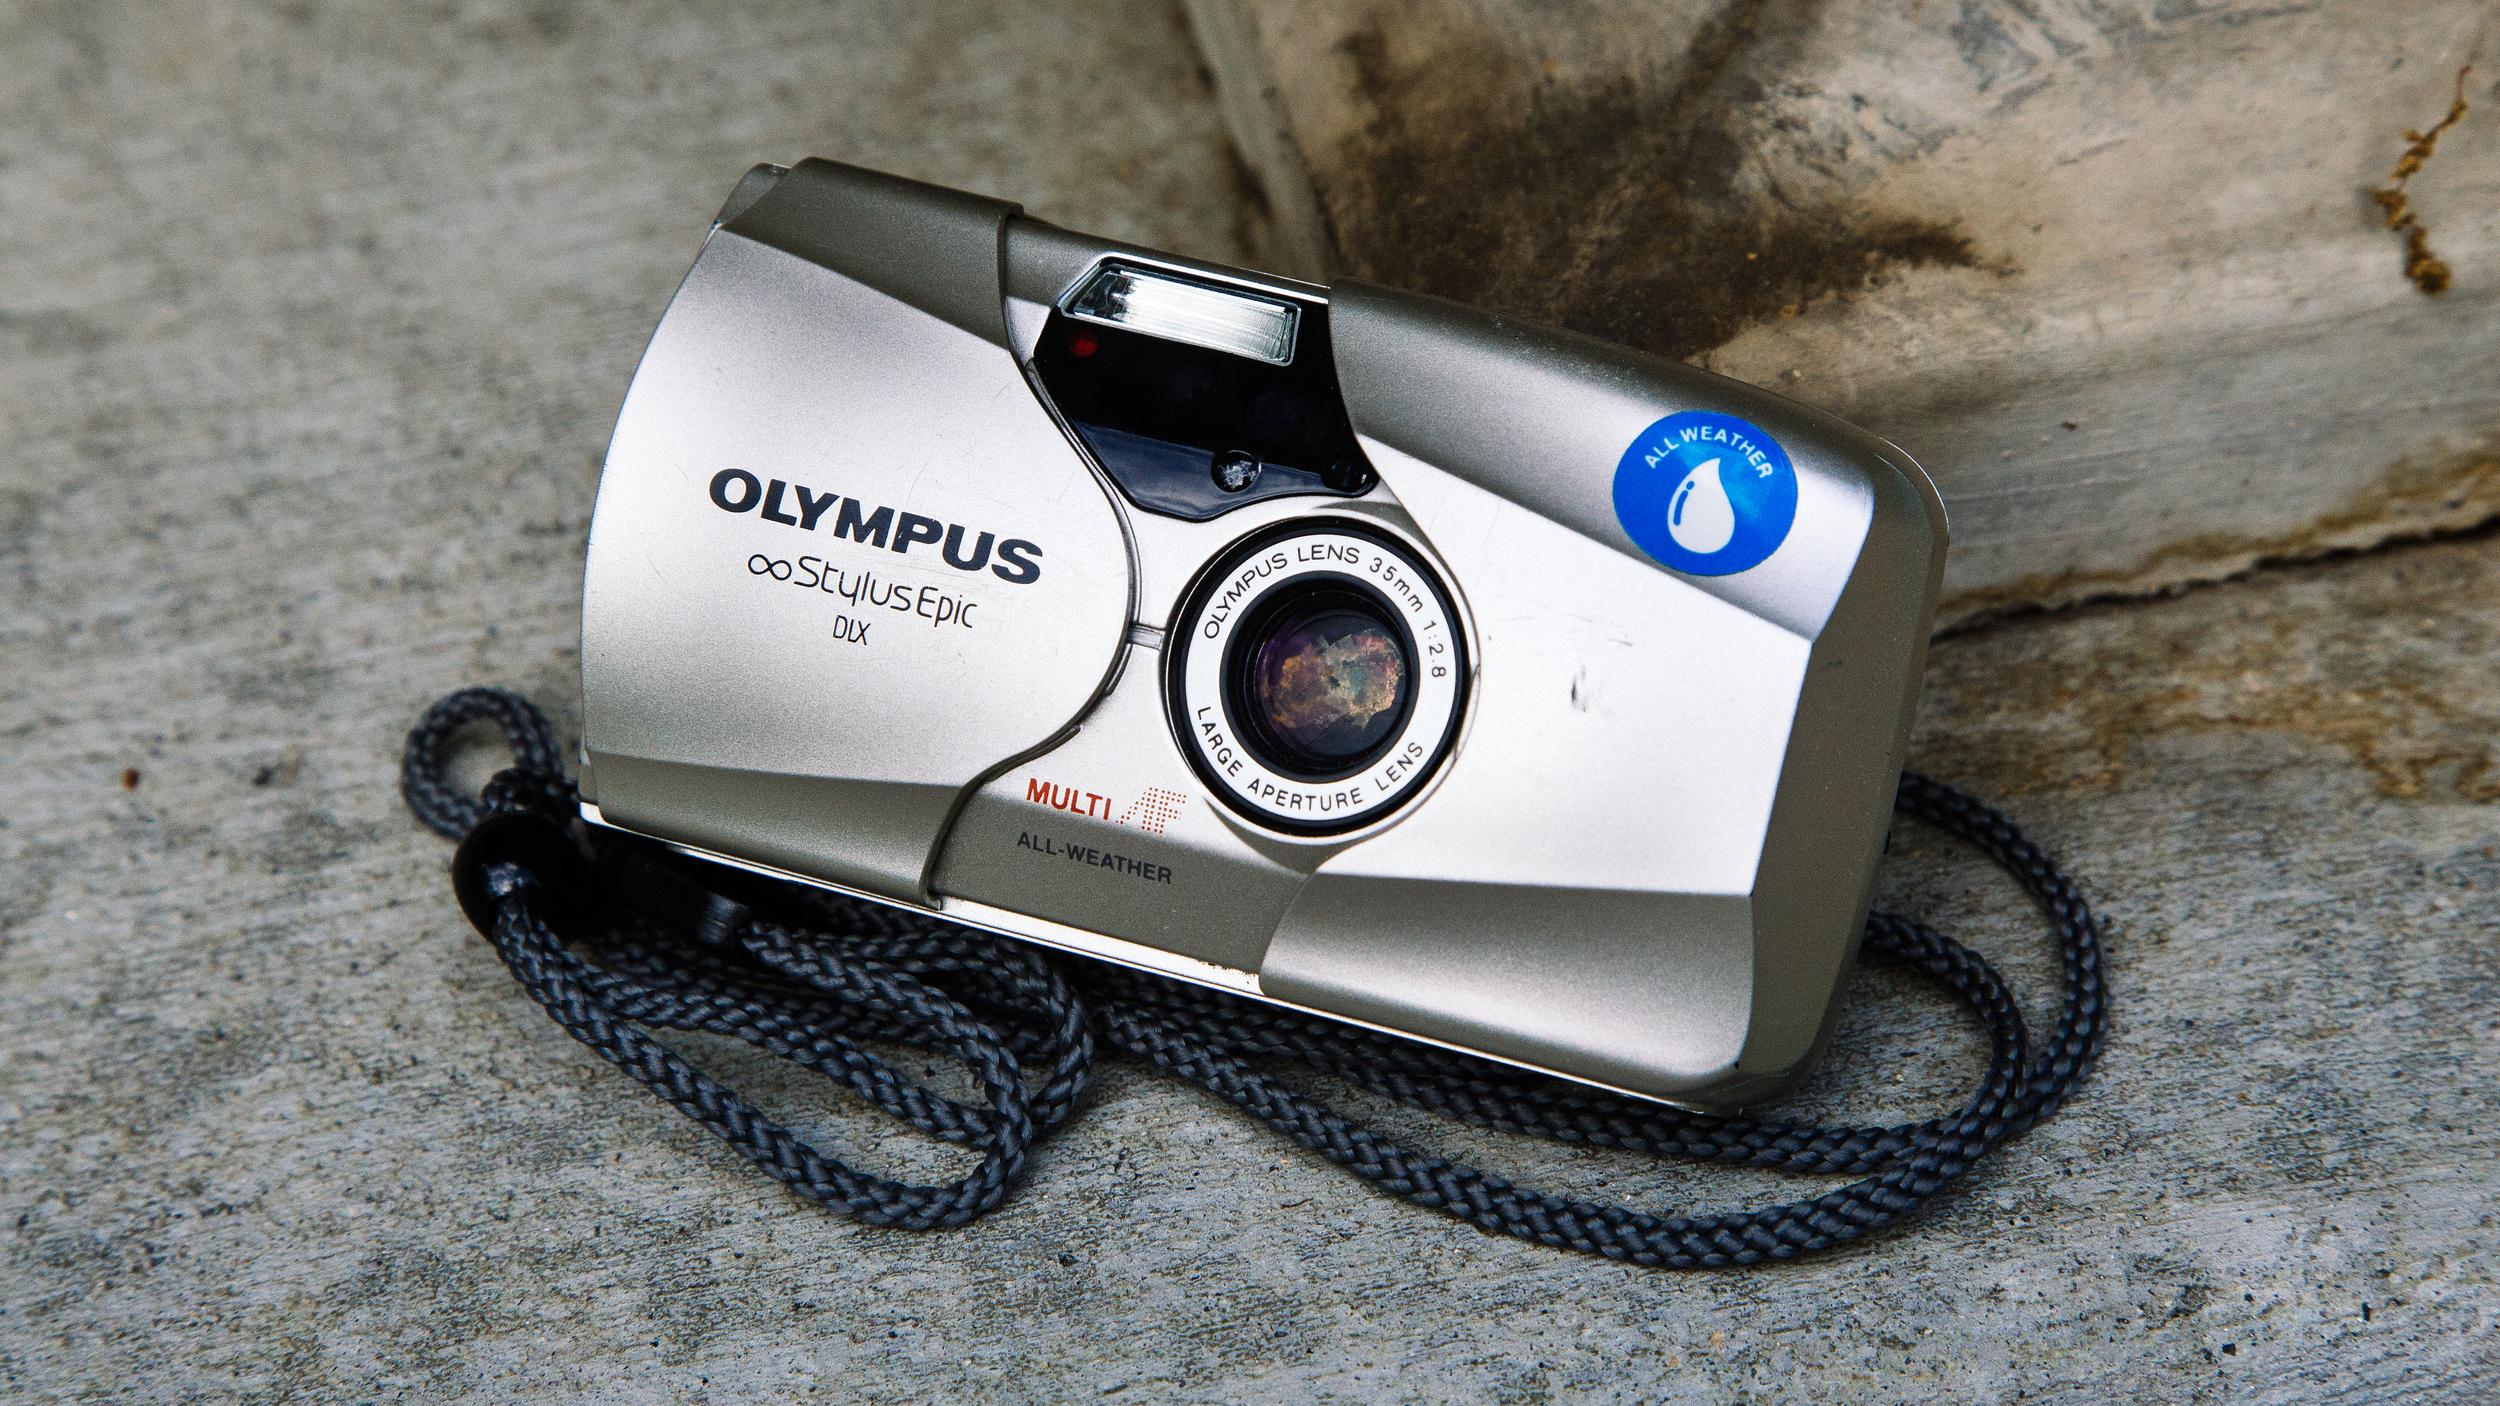 Olympus Stylus Epic DLX (Mju II) 2.jpg